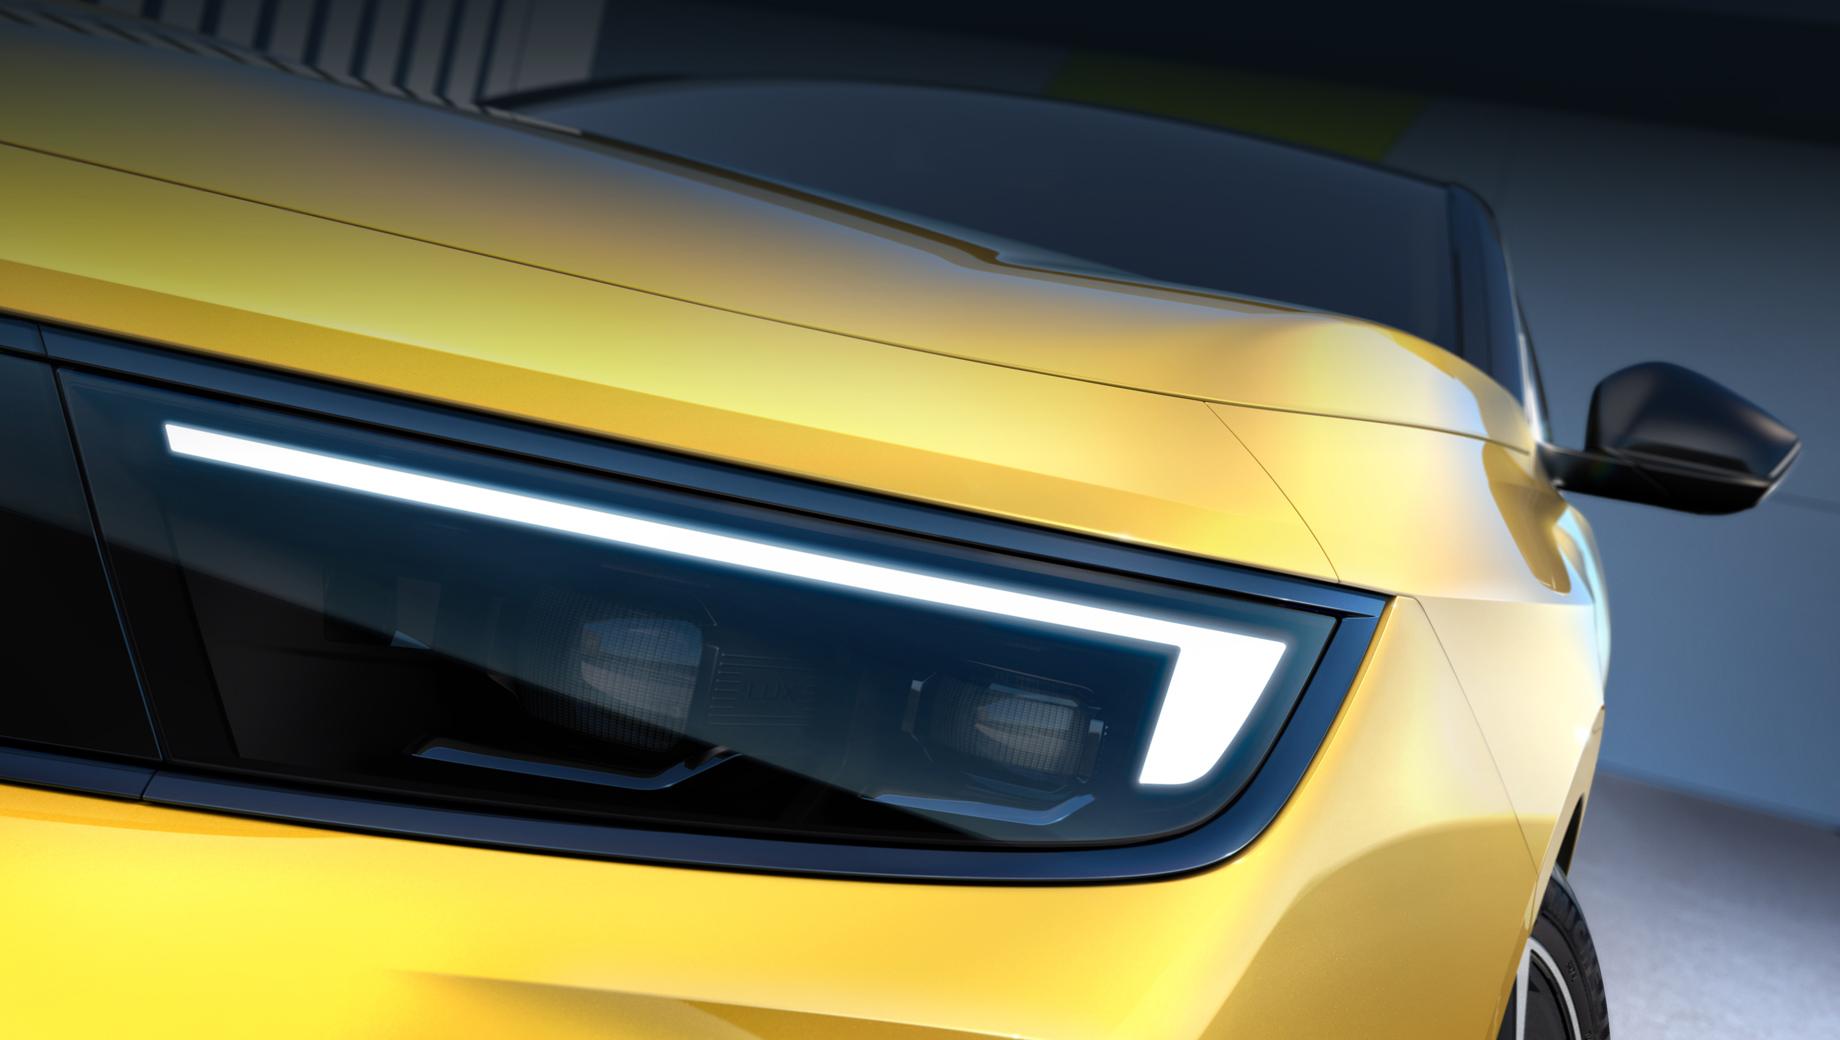 Opel astra. Носовая часть развивает дизайнерскую идею Opel Vizor, использованную, к примеру, в Мокке или в рестомоде Manta GSe ElektroMOD.